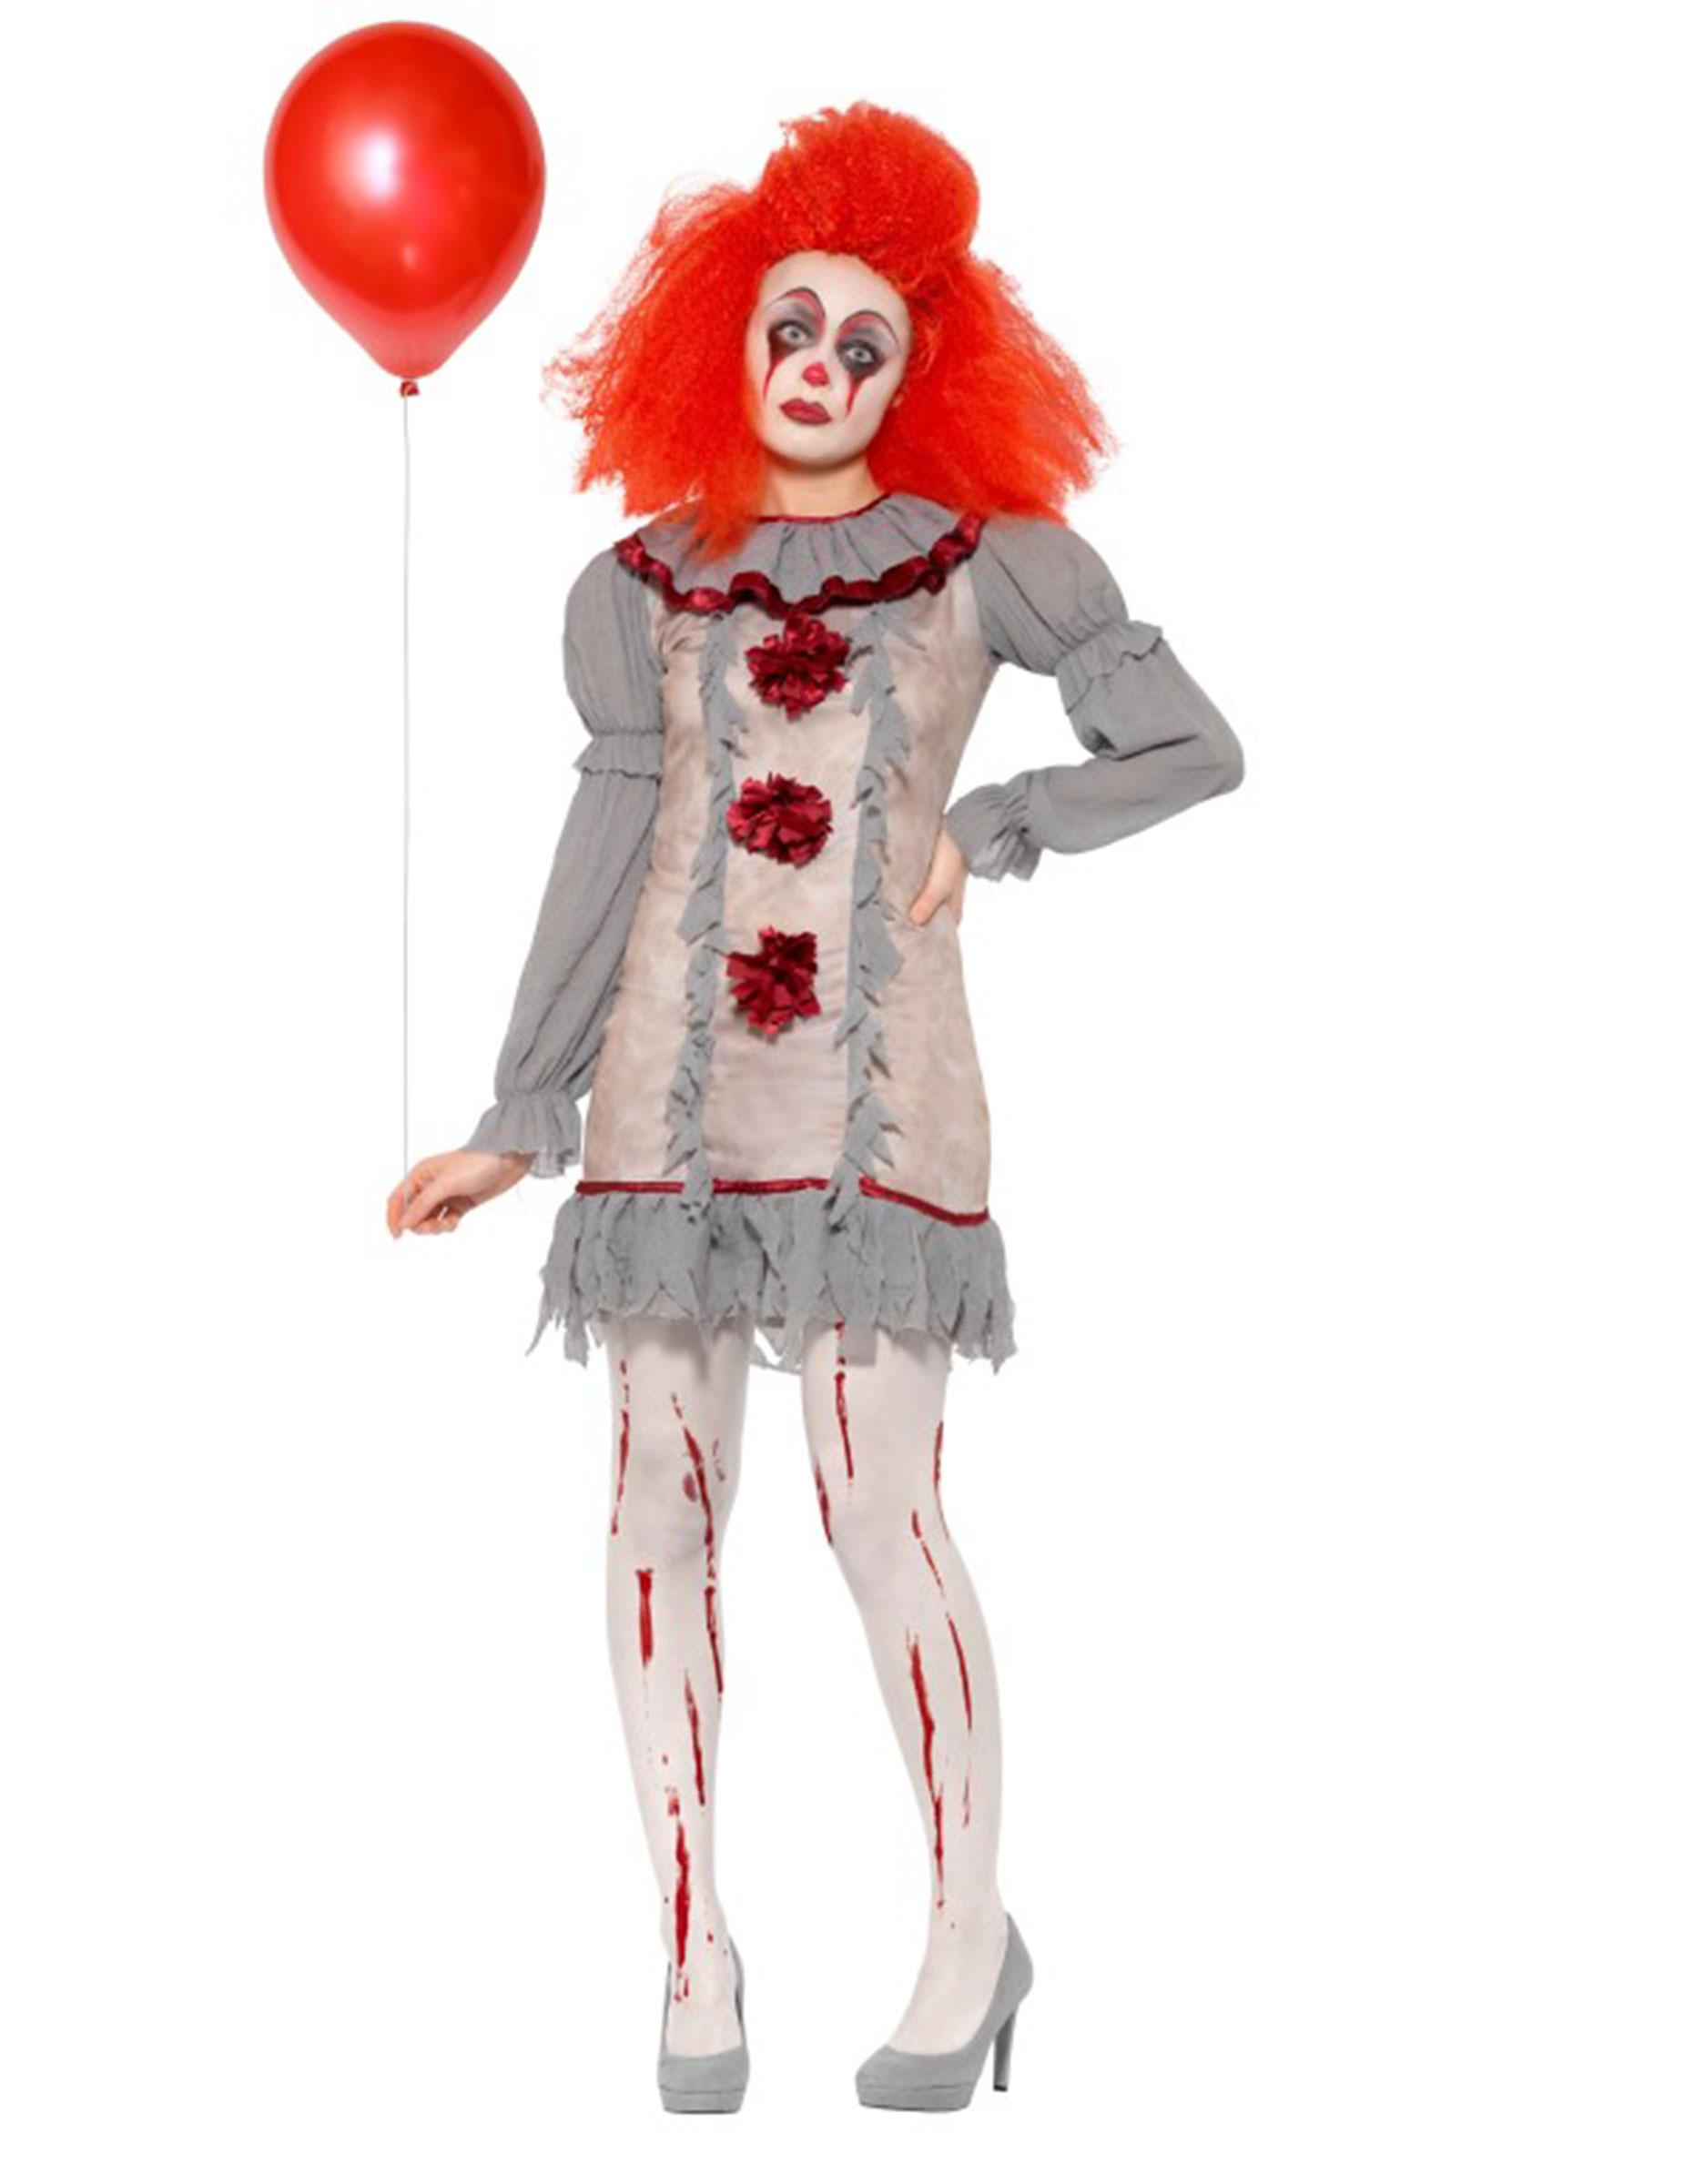 Femme Déguisement Clown Clown Vintage Femme Déguisement Déguisement Vintage nm8wOvN0